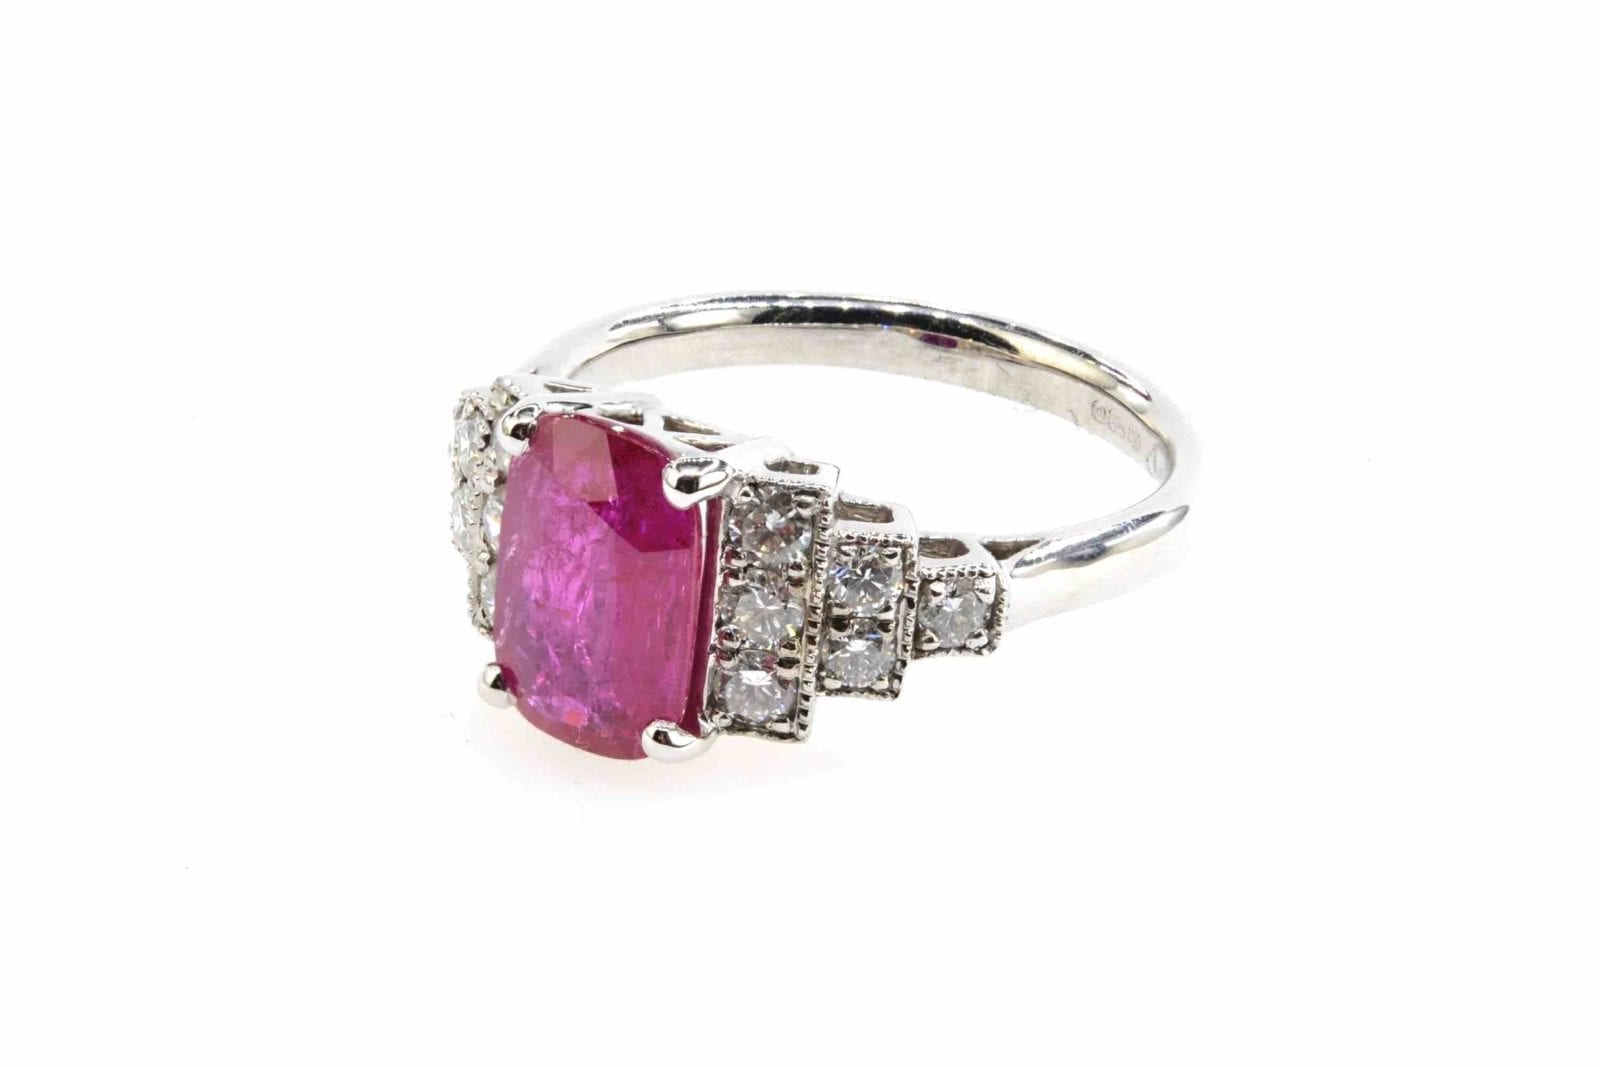 Bague rubis et diamants